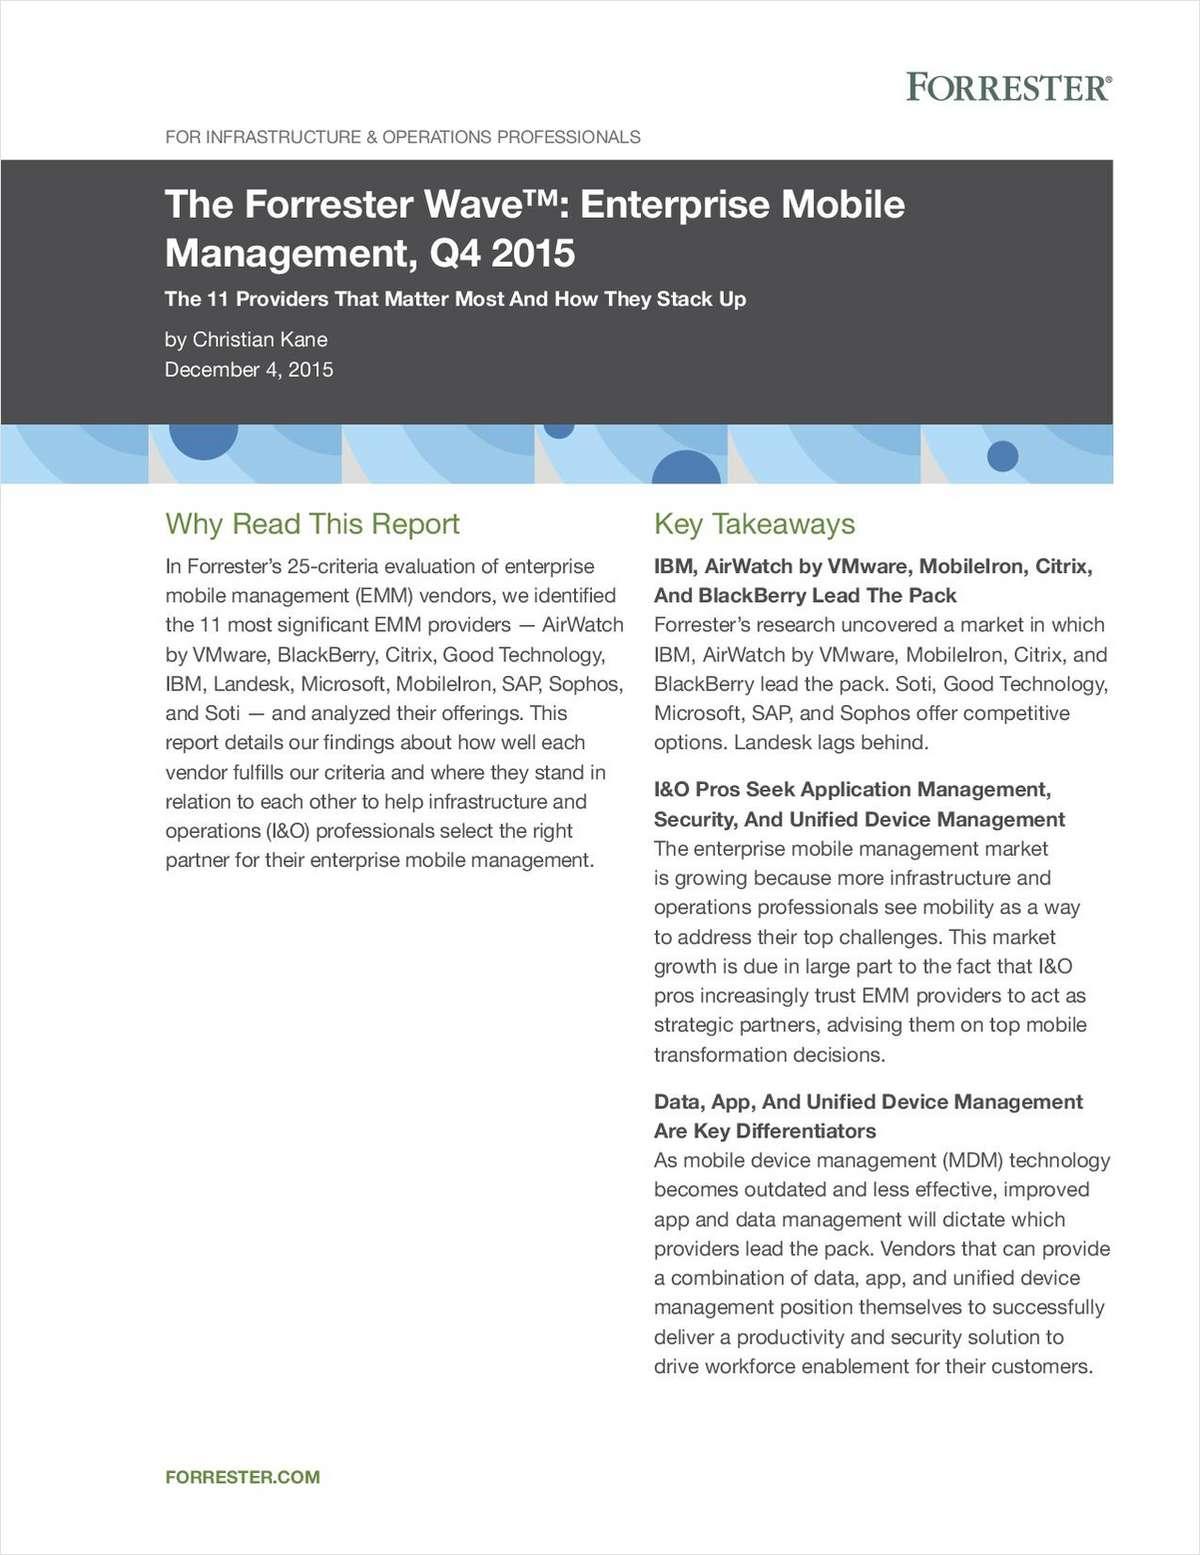 The Forrester Wave: Enterprise Mobile Management, Q4 2015